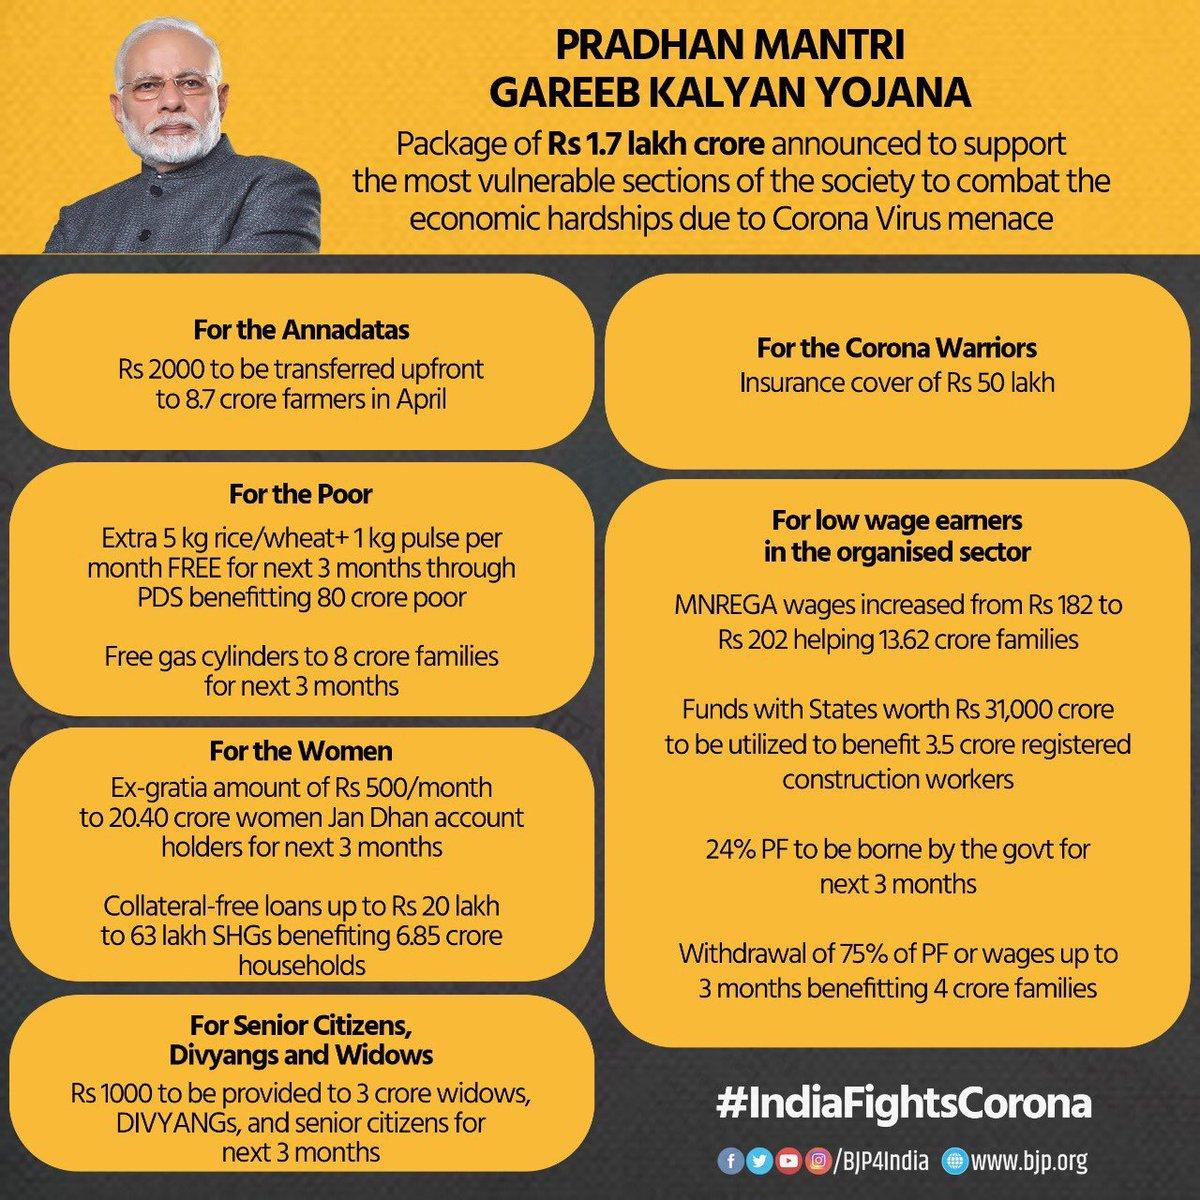 #IndiaFightsCorona https://t.co/RSl7aAUnRE